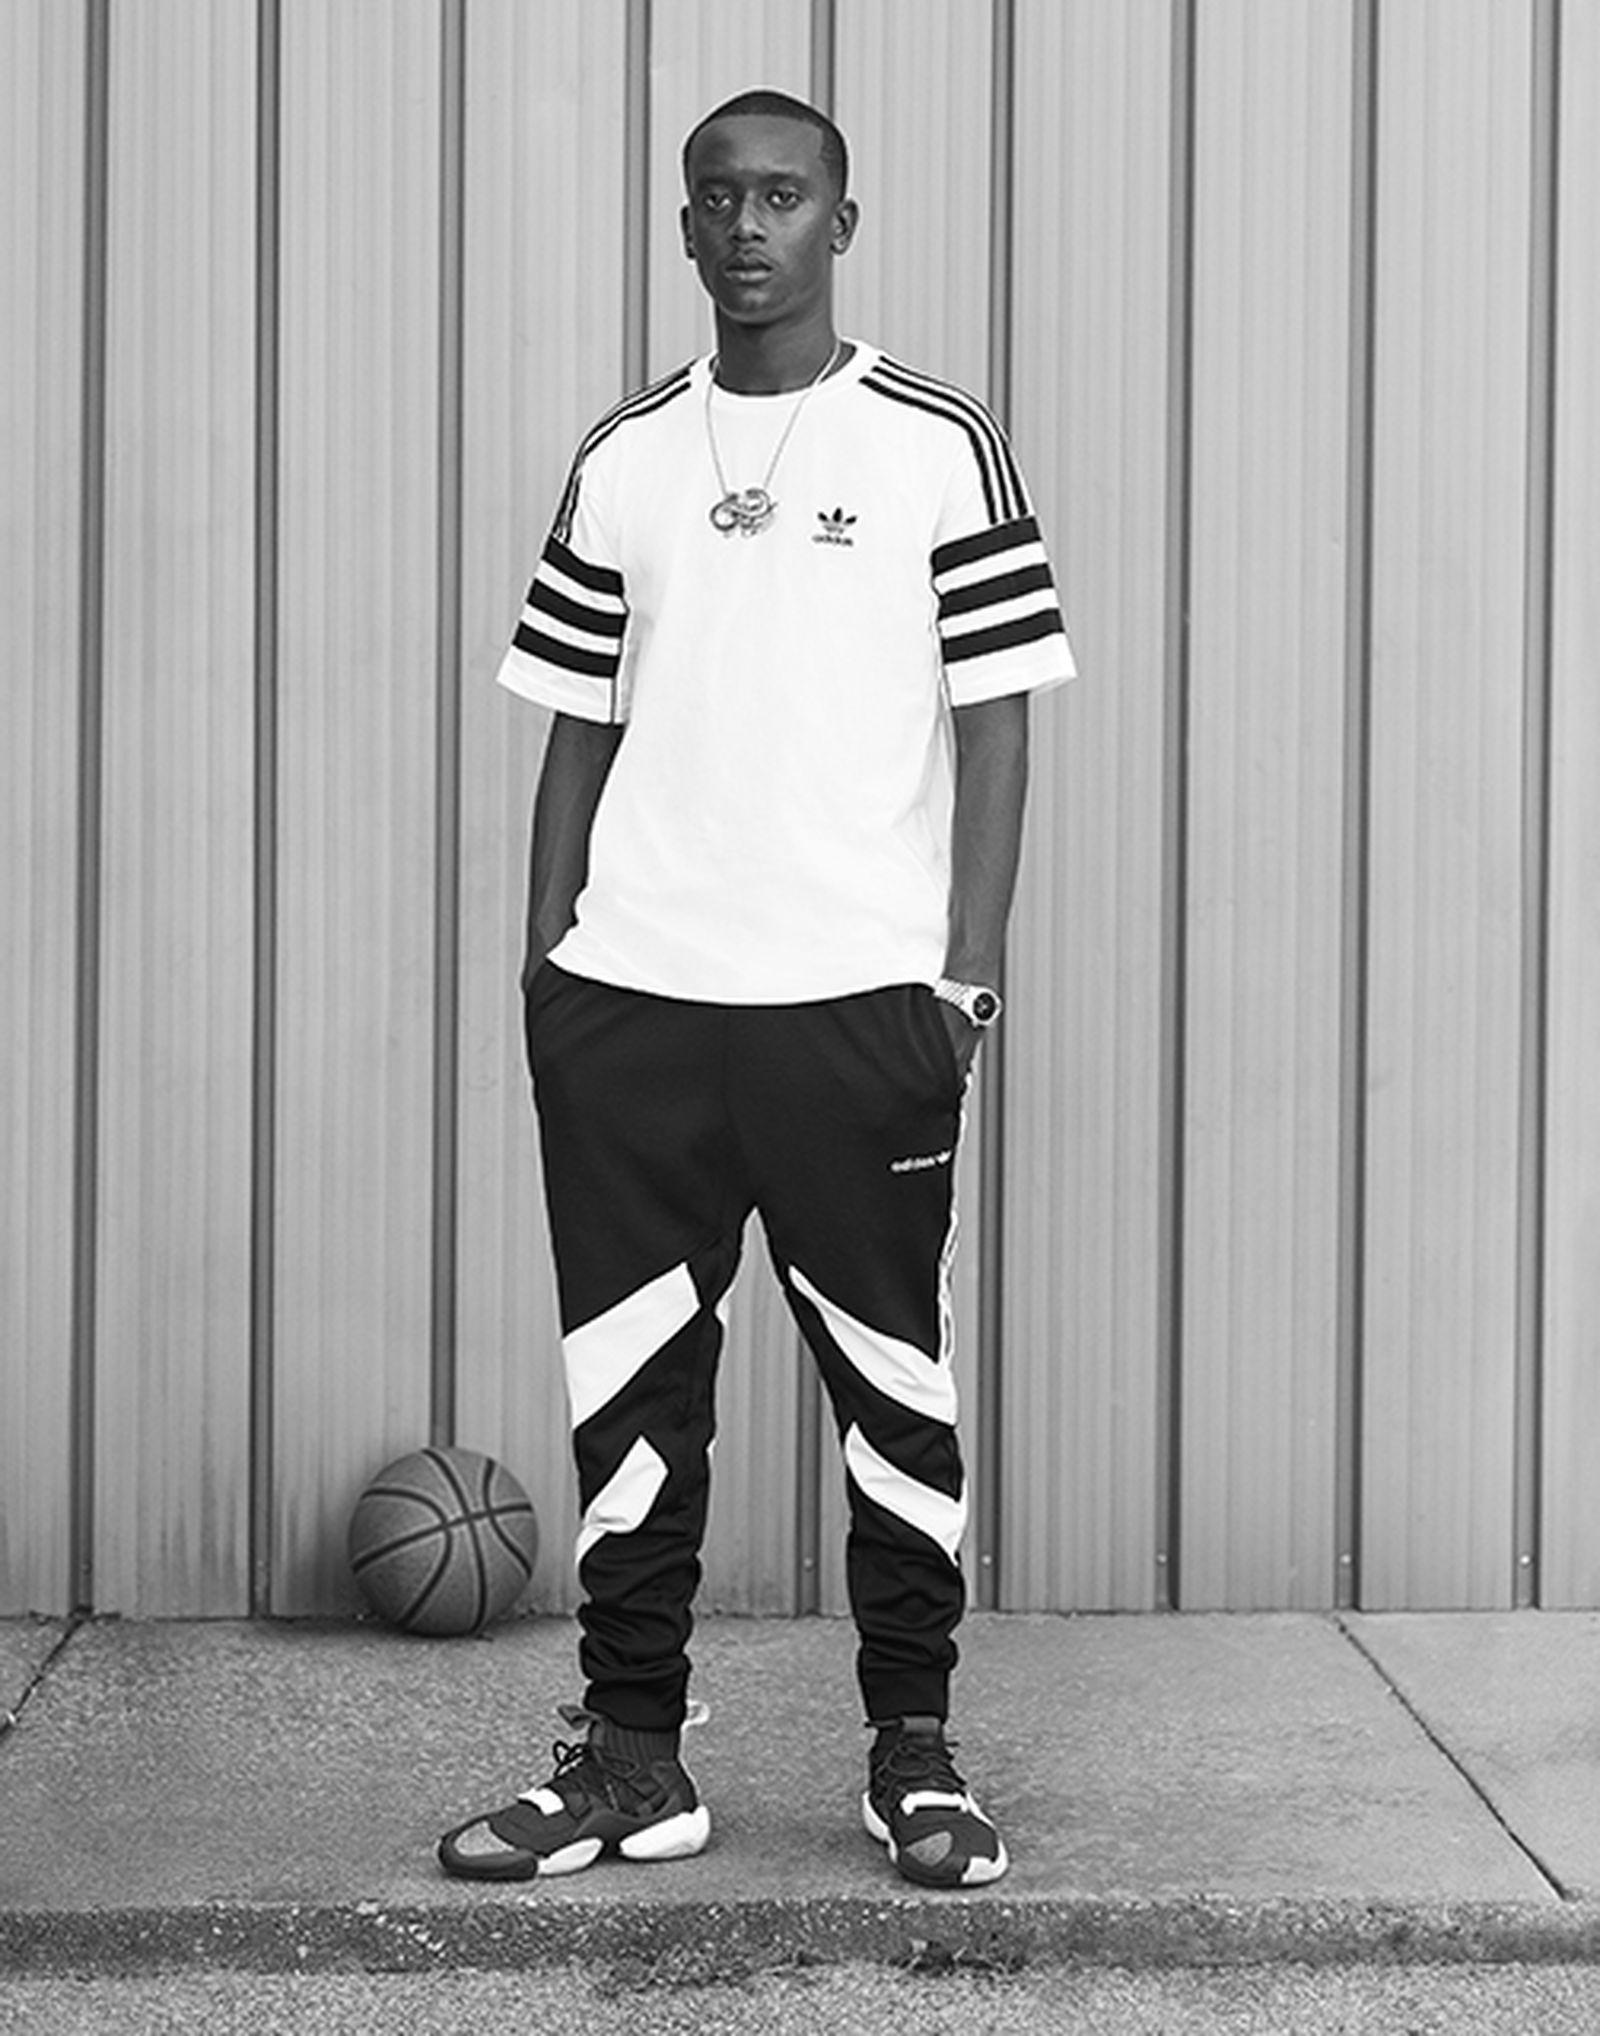 adidas crazy byw fw18 Kamaiyah Trae Young adidas Originals